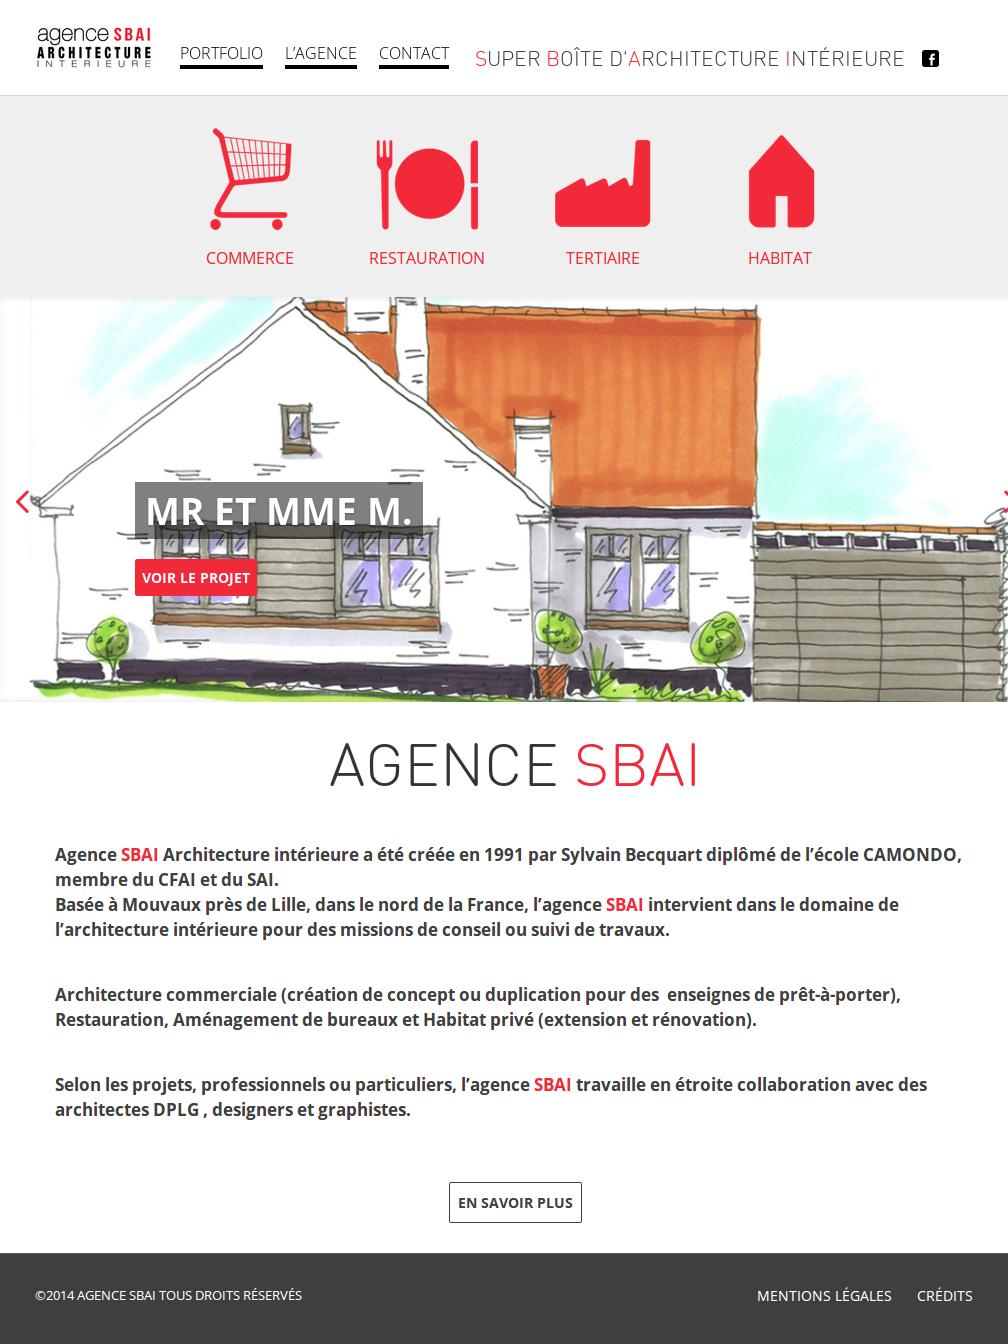 SBAI   Super Boîte d'Architecture Intérieure